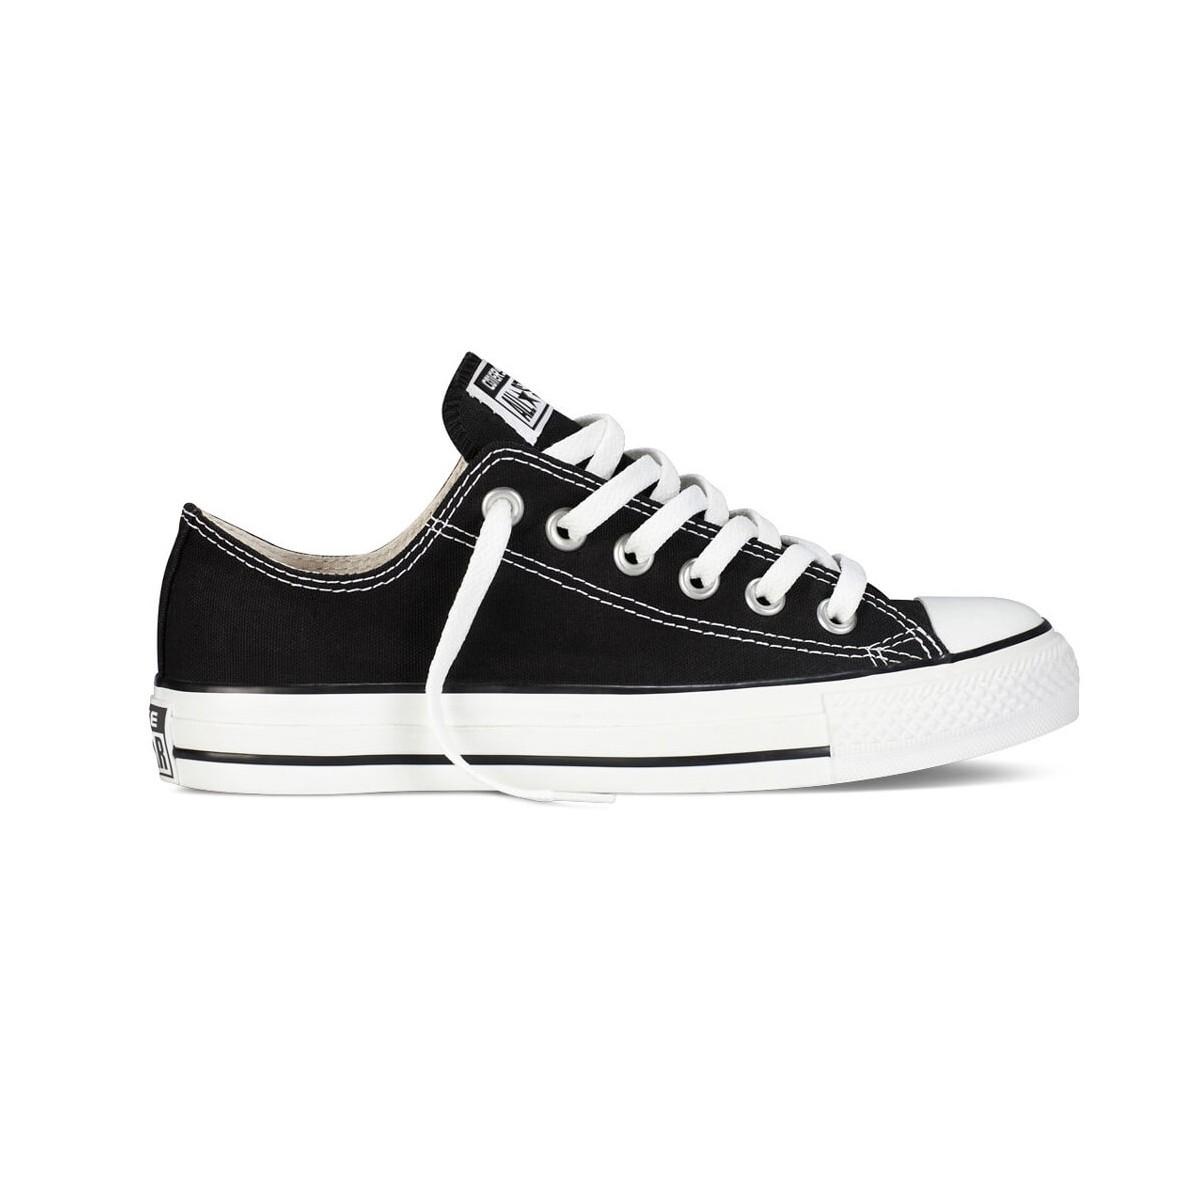 Pánské boty Converse Chuck Taylor All Star černé  cb191f7fc74